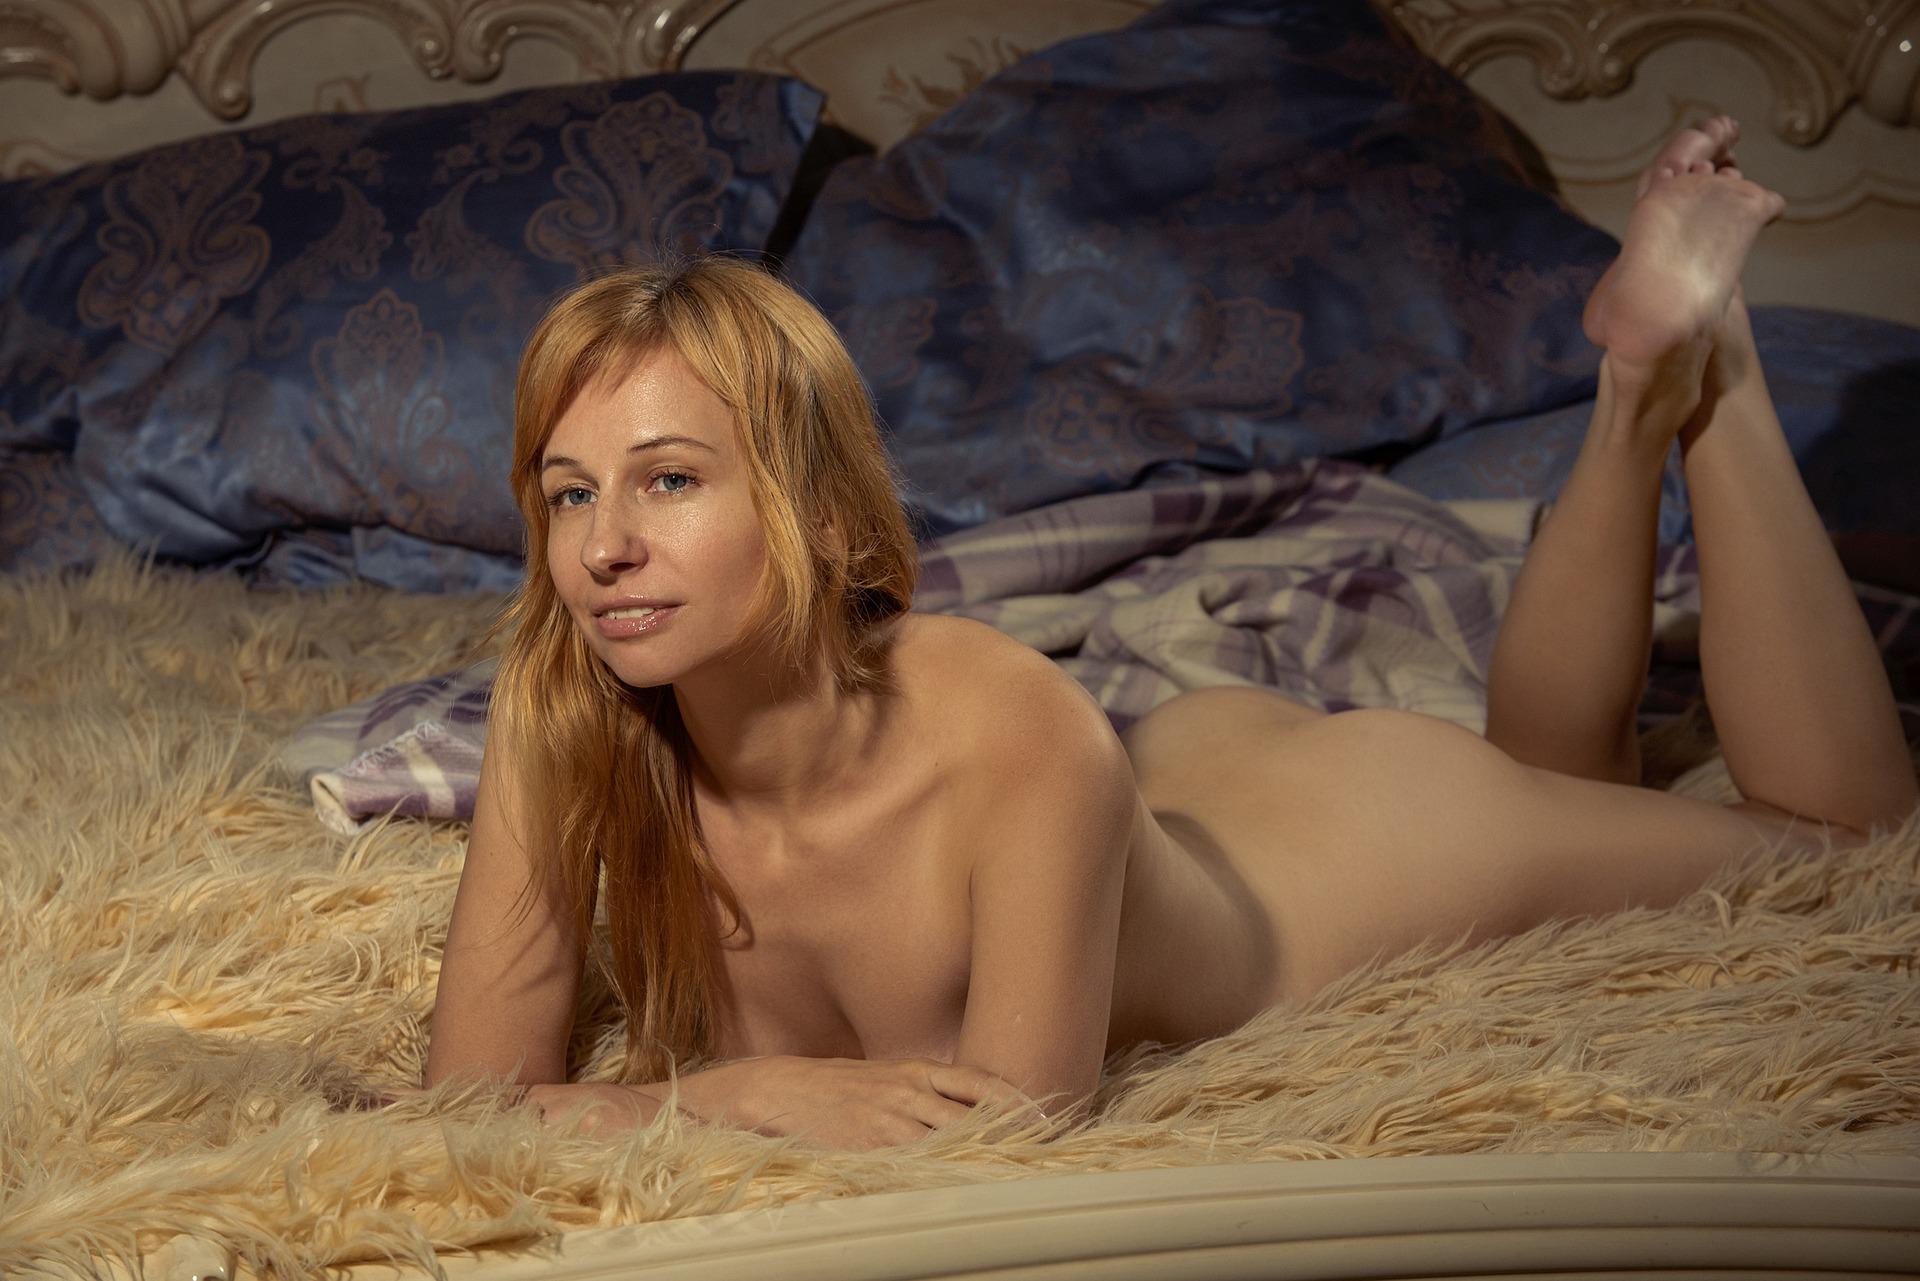 nude-4698467_1920